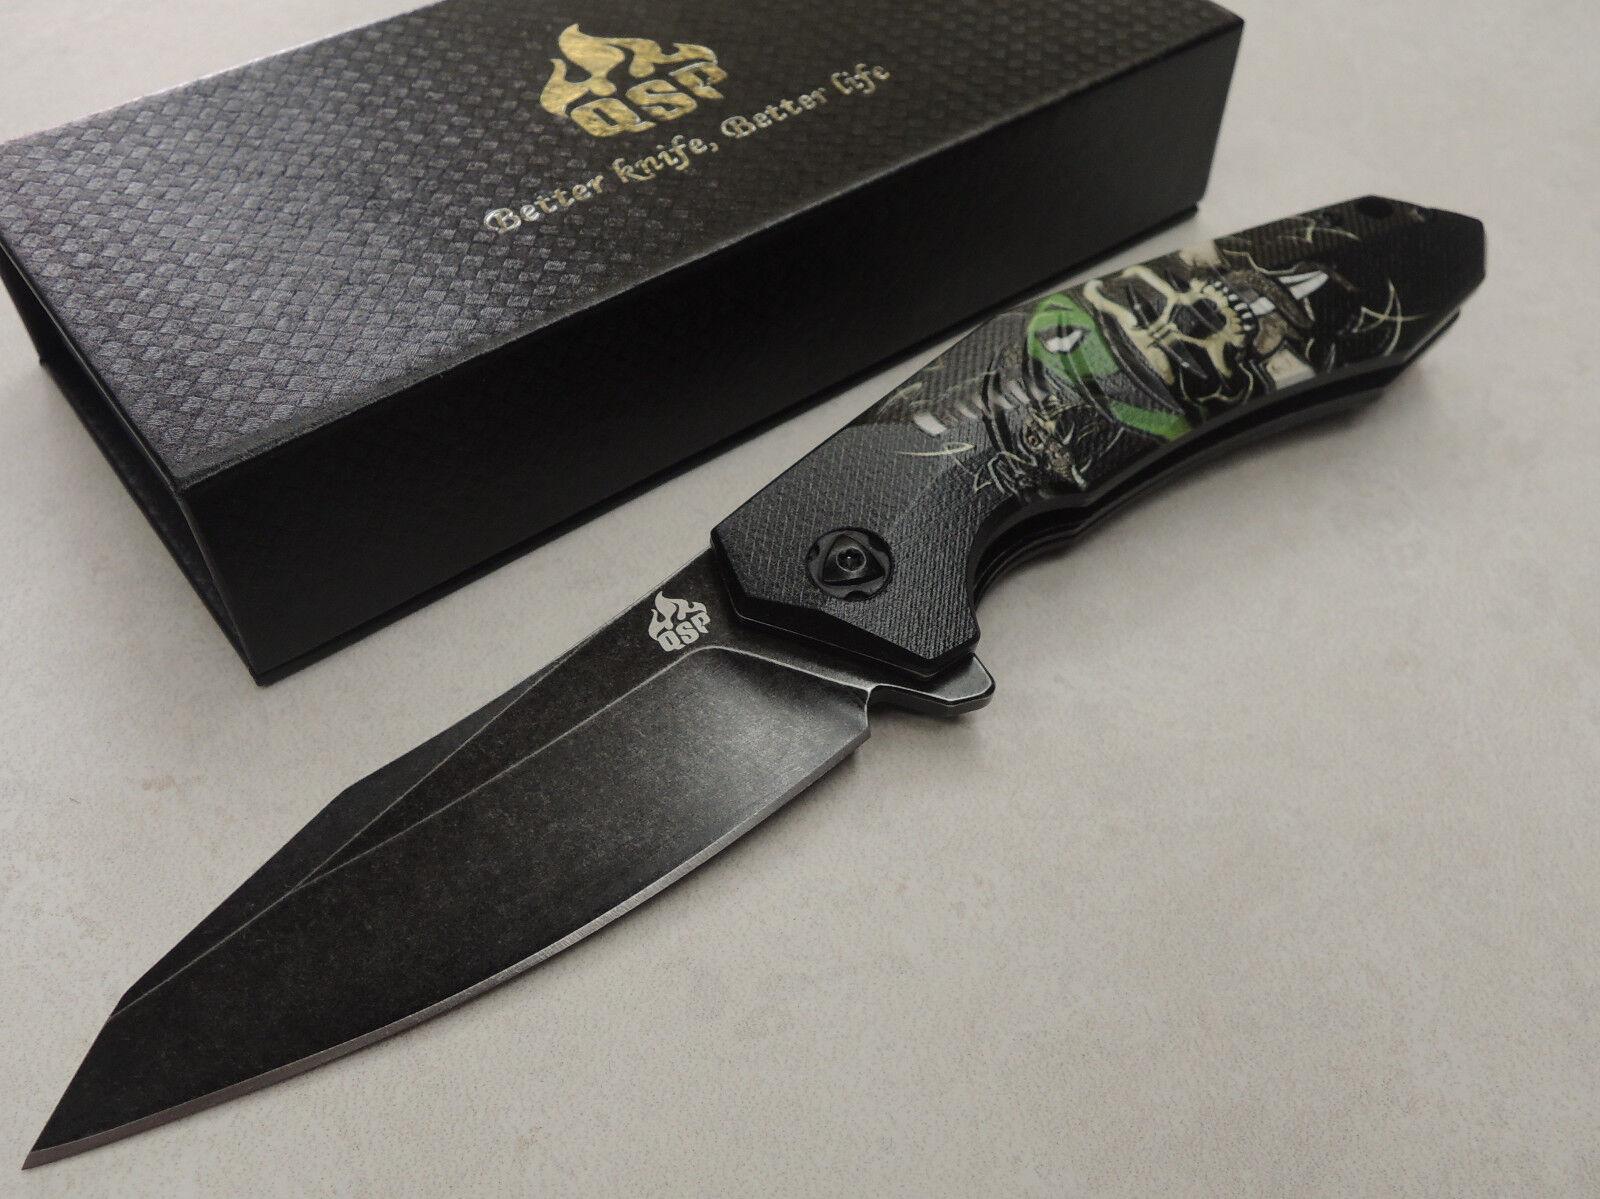 QSP Knives   Ghost   Taschenmesser 440C Stahl Kugellager G10 Griff QS104B